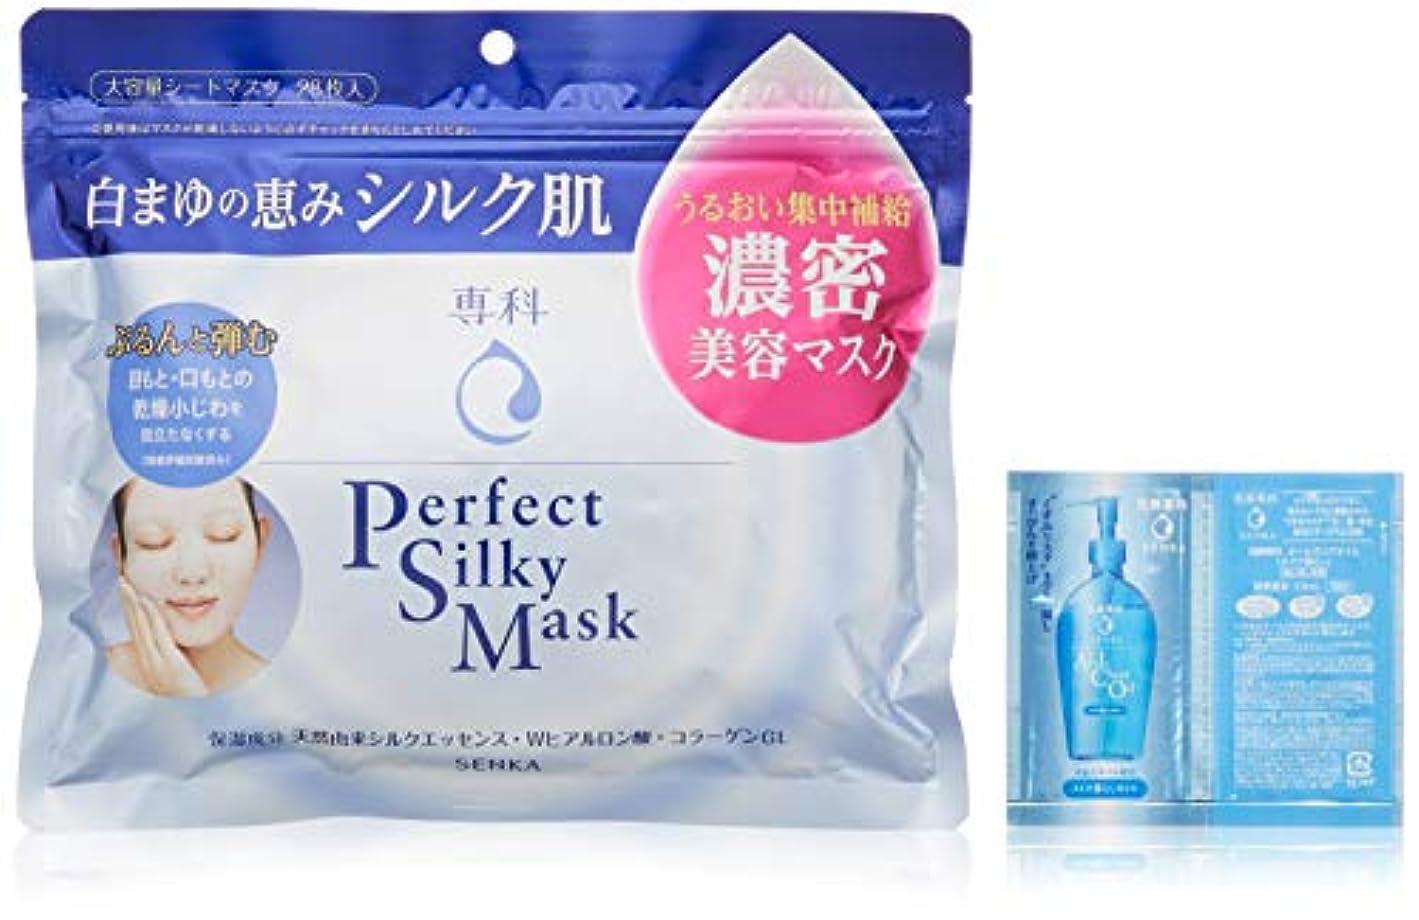 【Amazon.co.jp 限定】専科 パーフェクトシルキーマスク シート状 美容マスク 28枚 おまけ付きセット